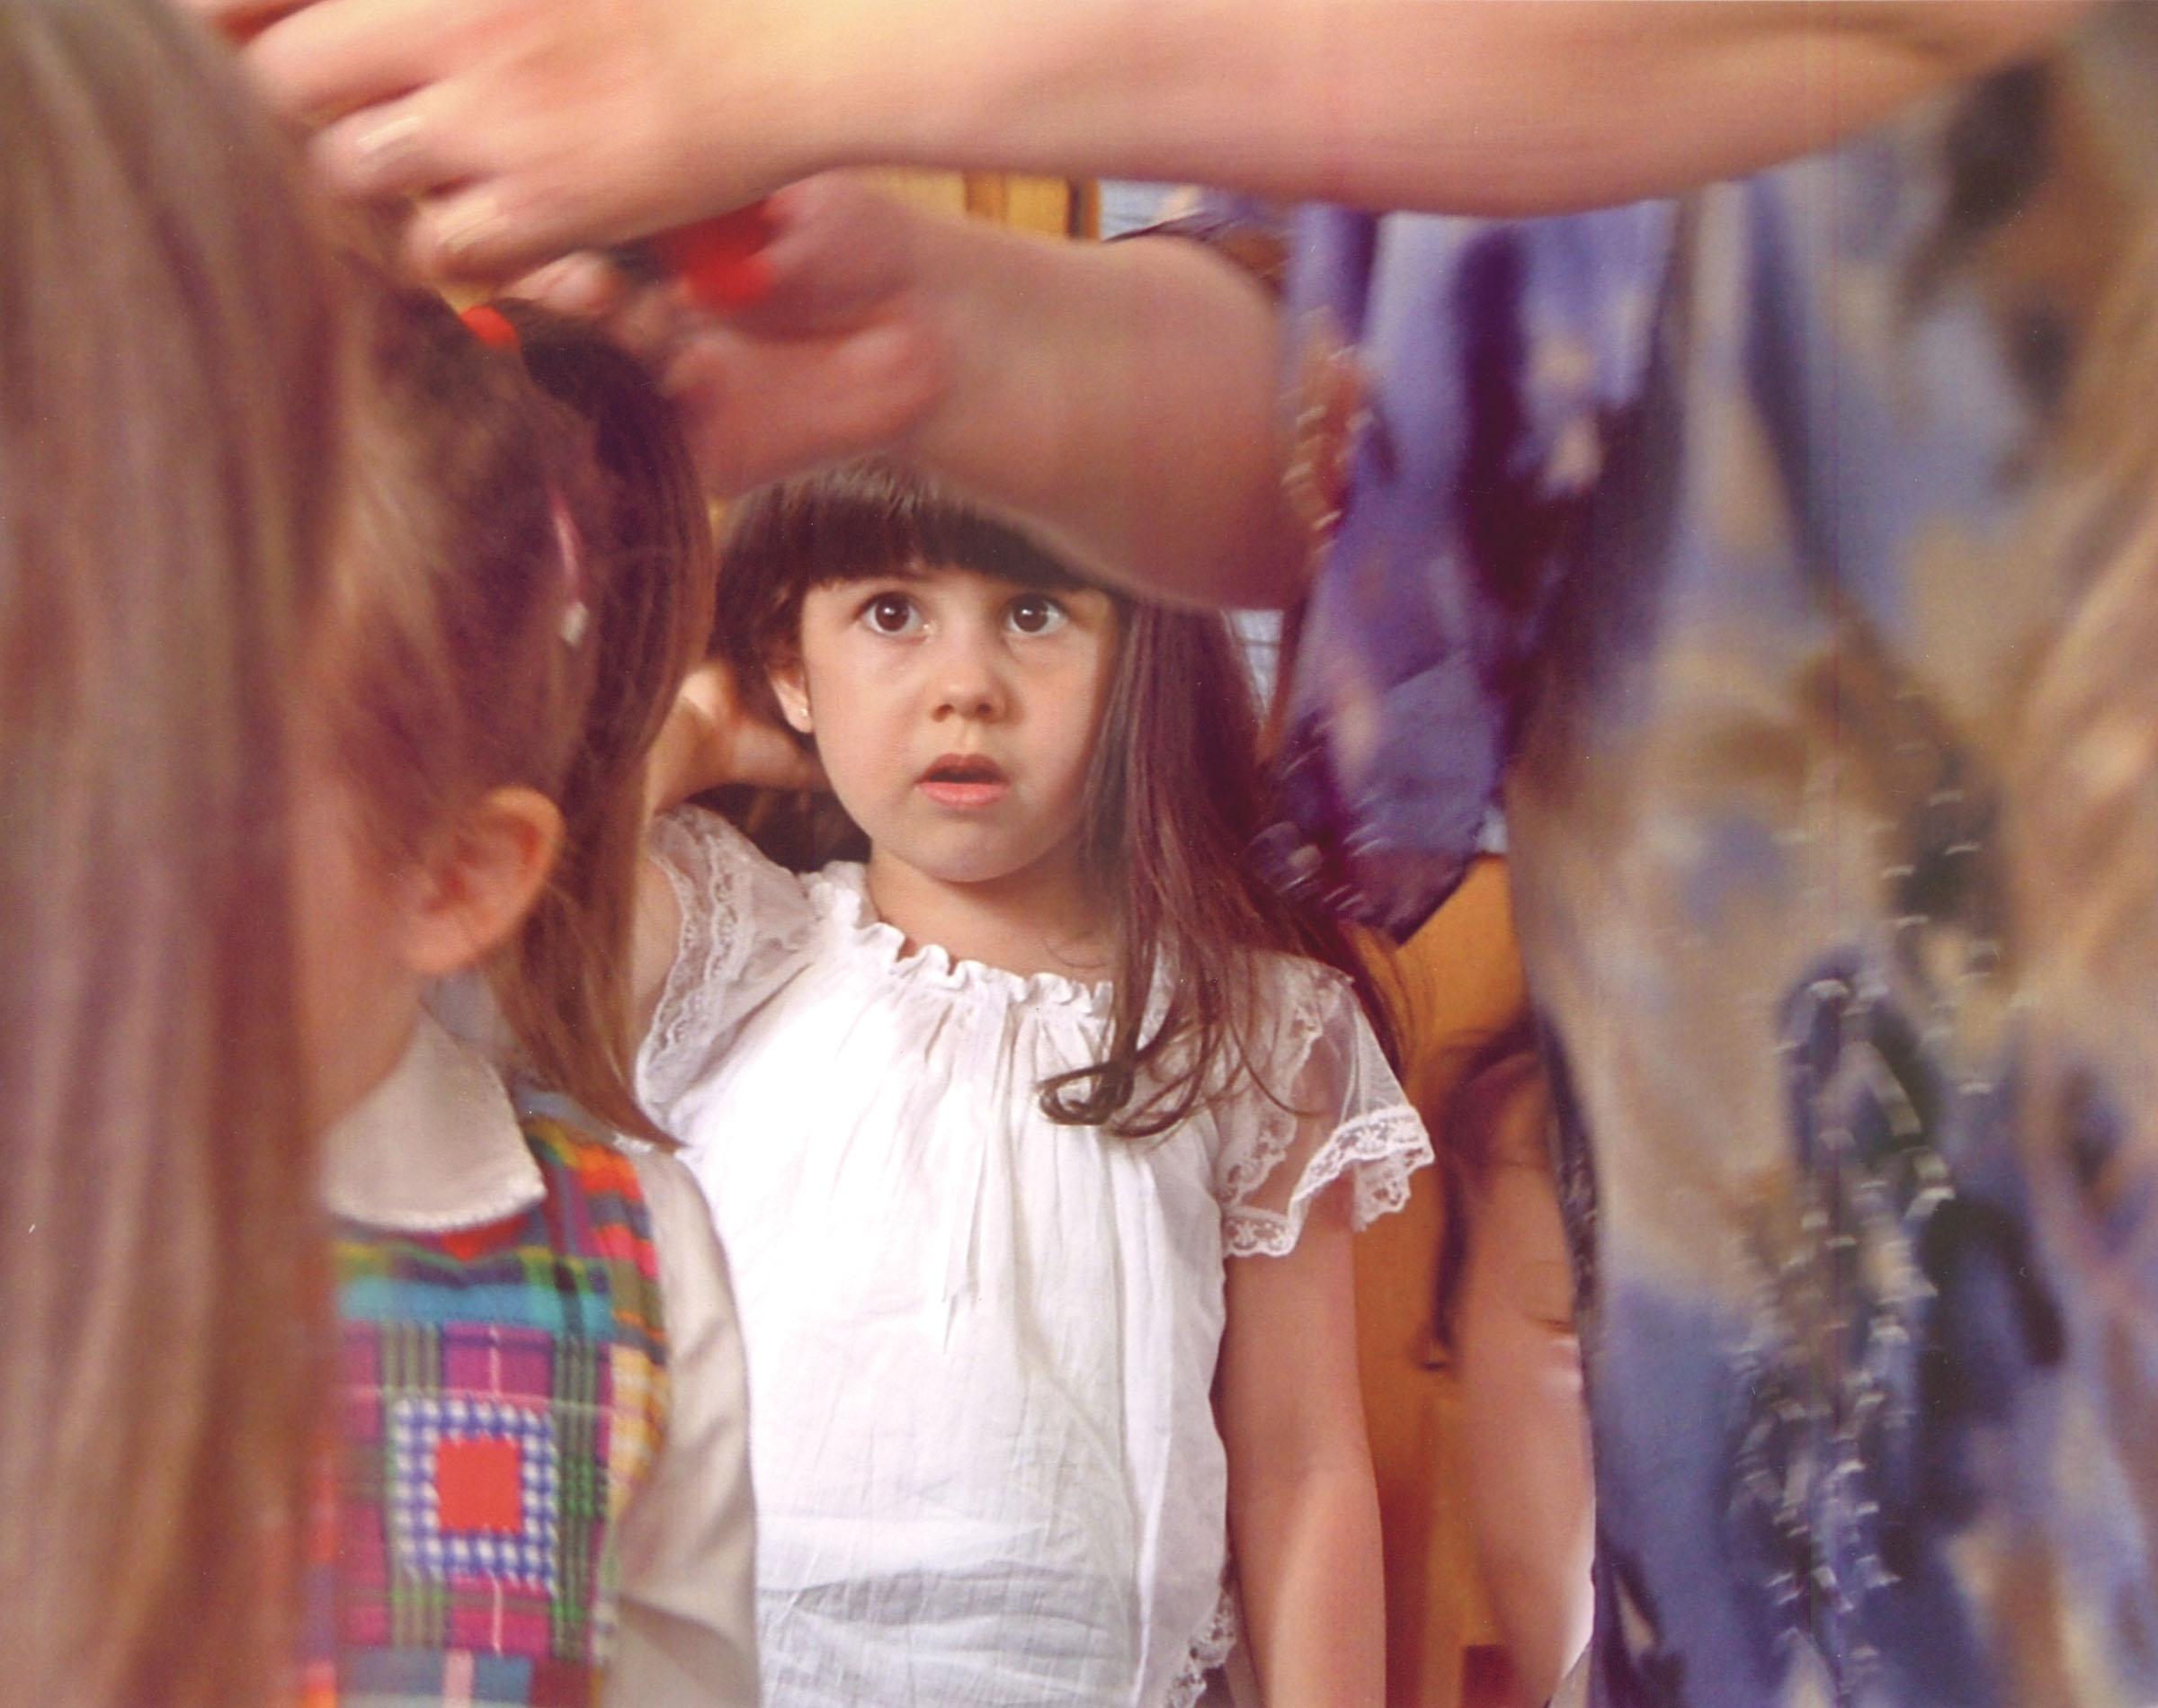 2004.09.18. Hétköznapok fotópályázat - Fejesné Lénárt Krisztina - Elgondolkodva.jpg